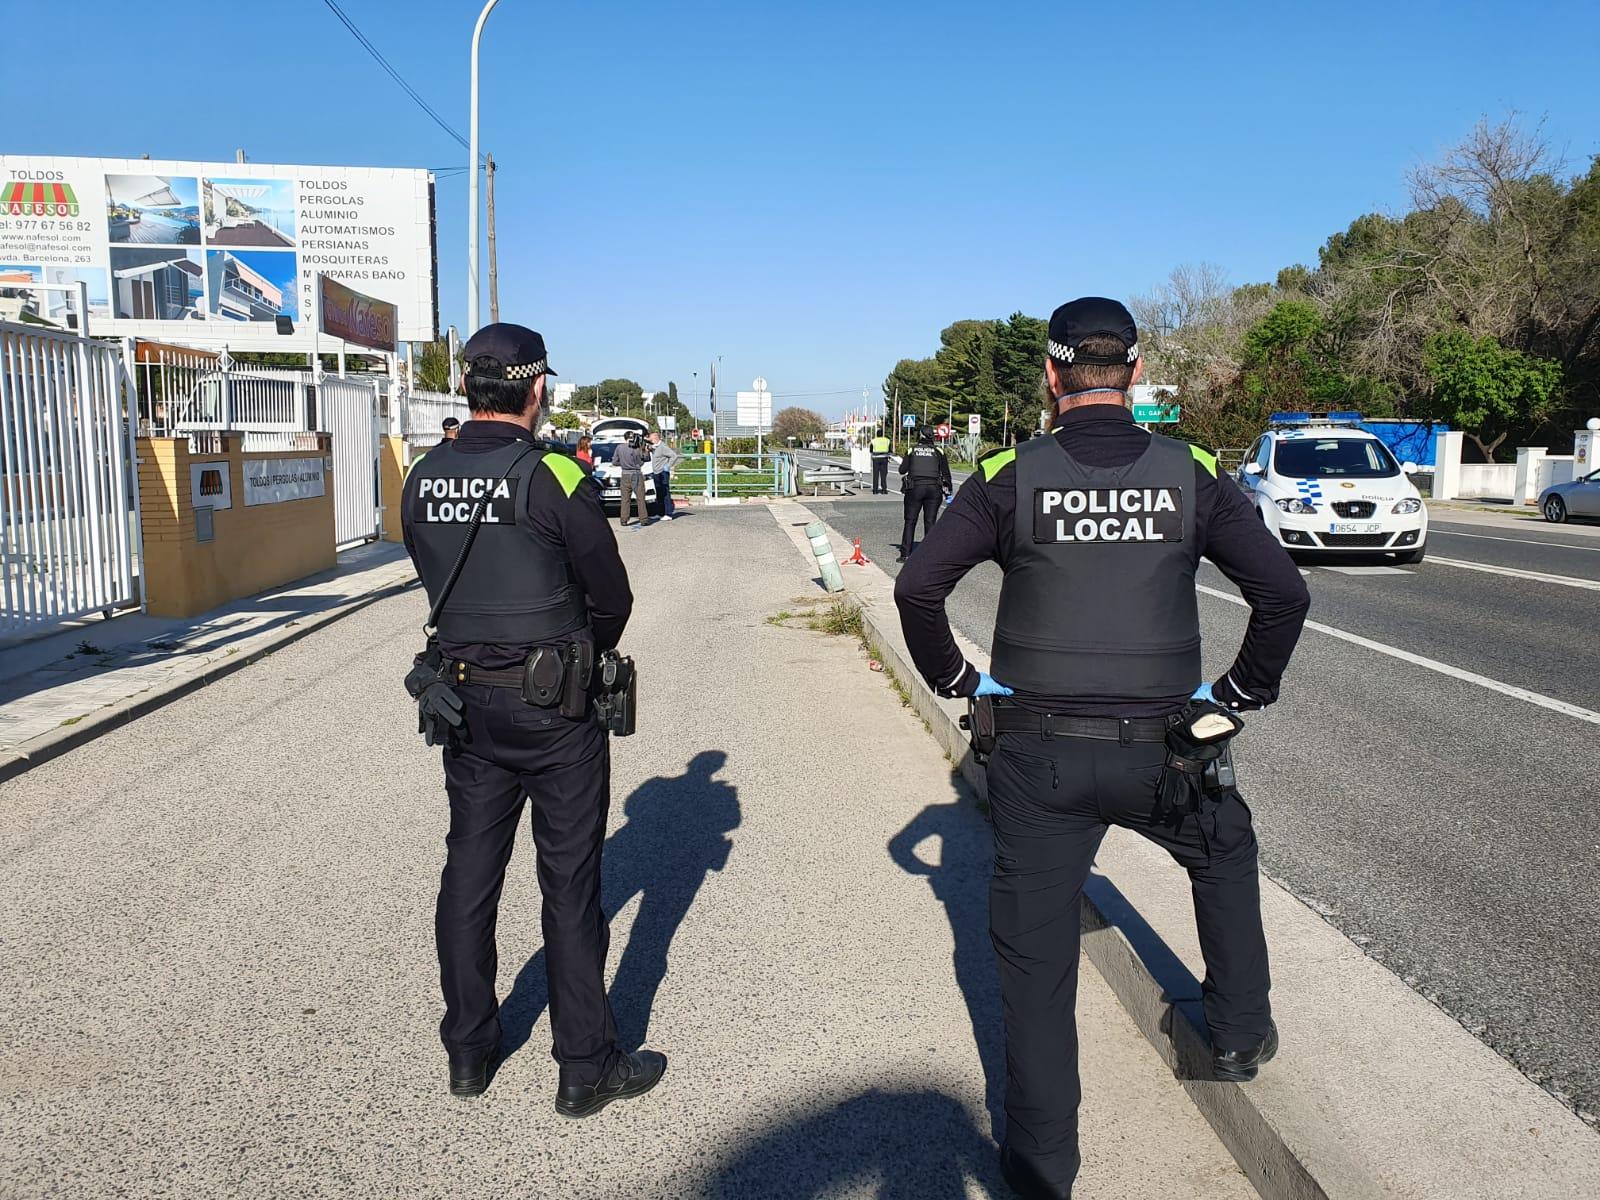 Aquest estiu han baixat un 20% els delictes registrats a Cunit